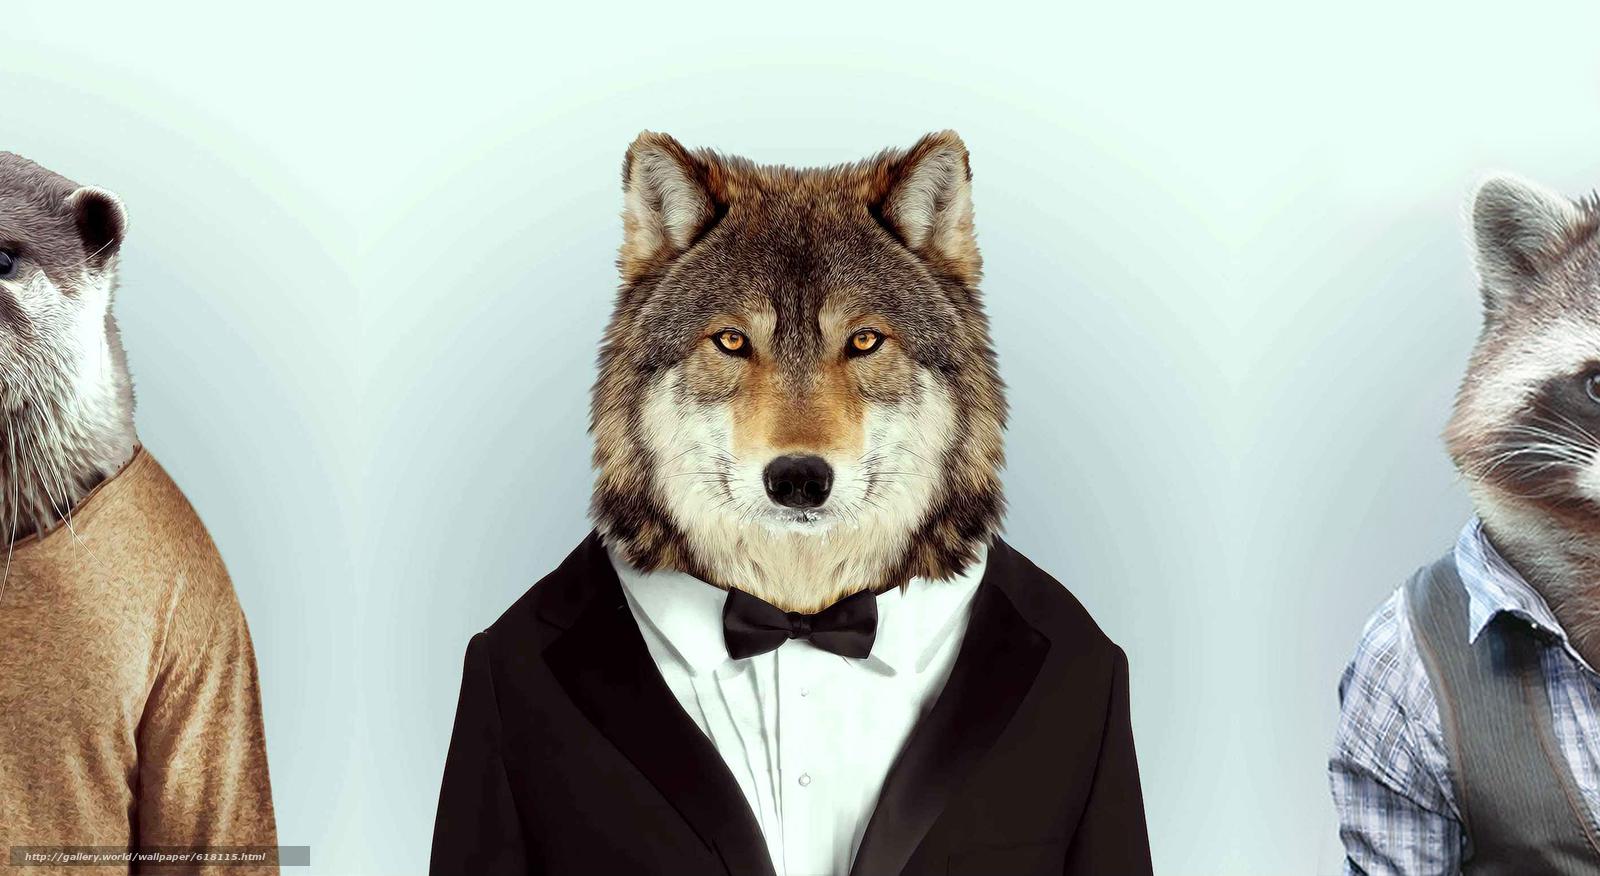 Tlcharger Fond d'ecran loup,  raton laveur,  castor,  partage Fonds d'ecran gratuits pour votre rsolution du bureau 2814x1540 — image №618115